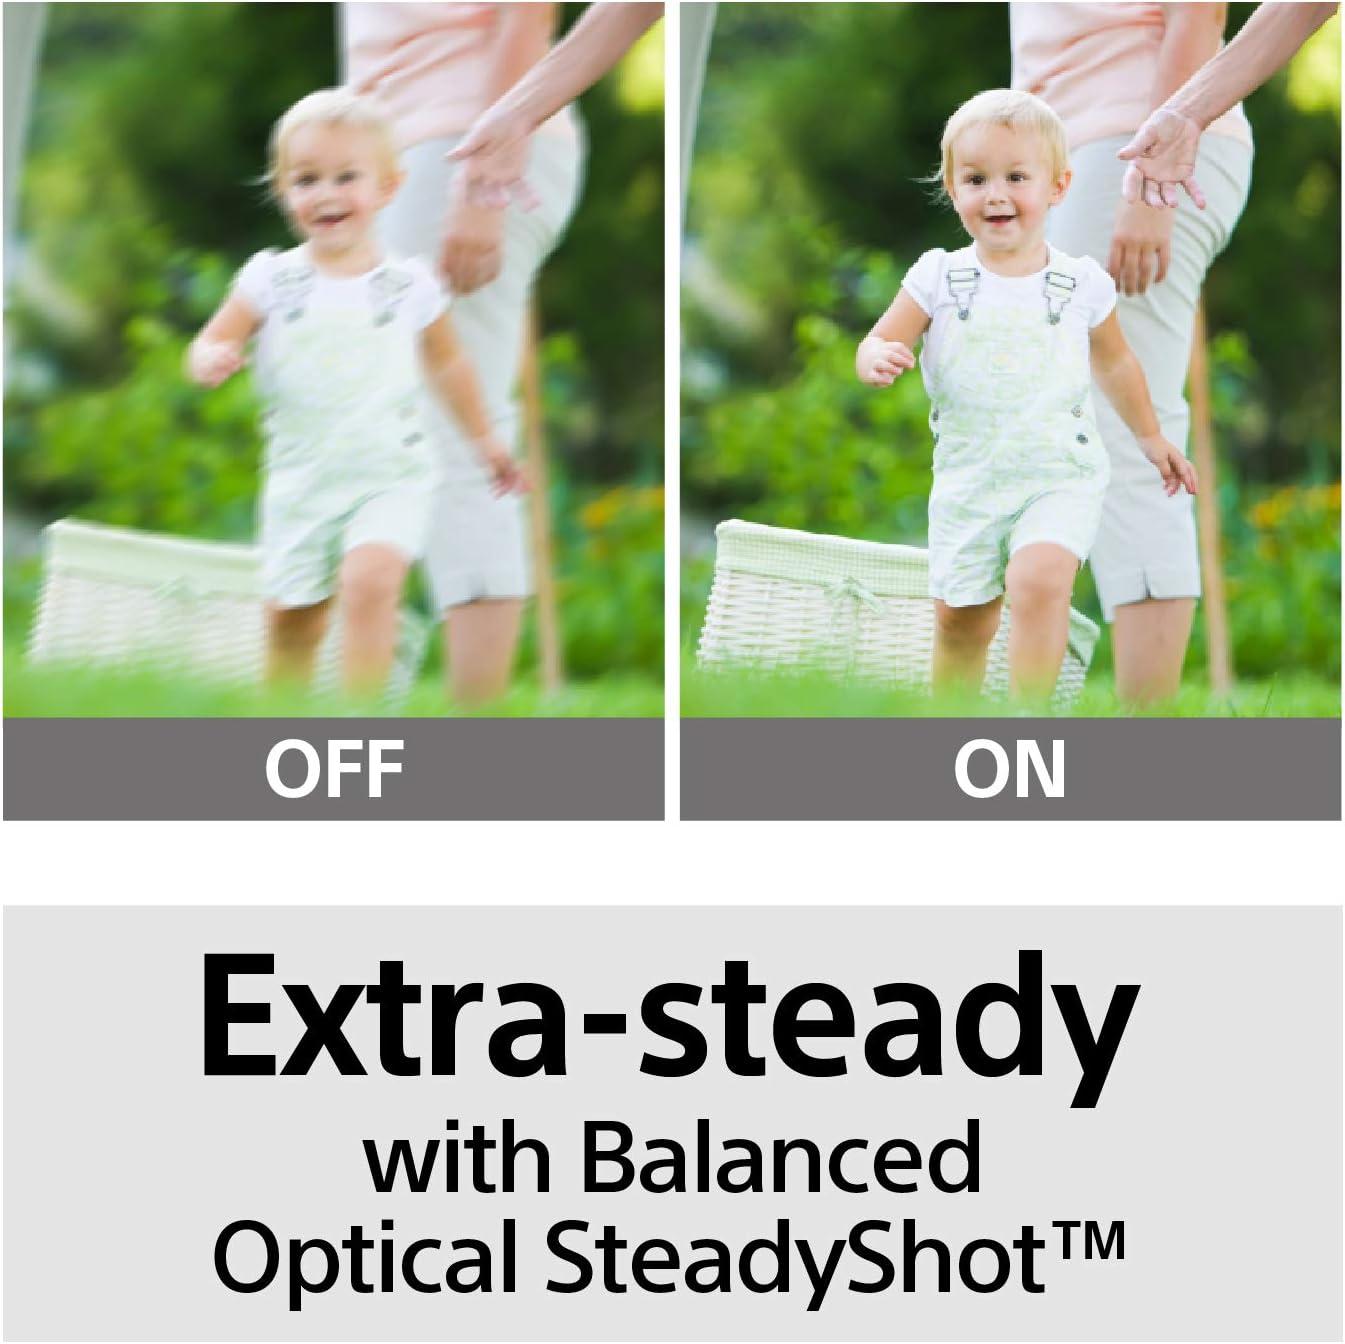 Sony FDRAX53 Image Stabilization